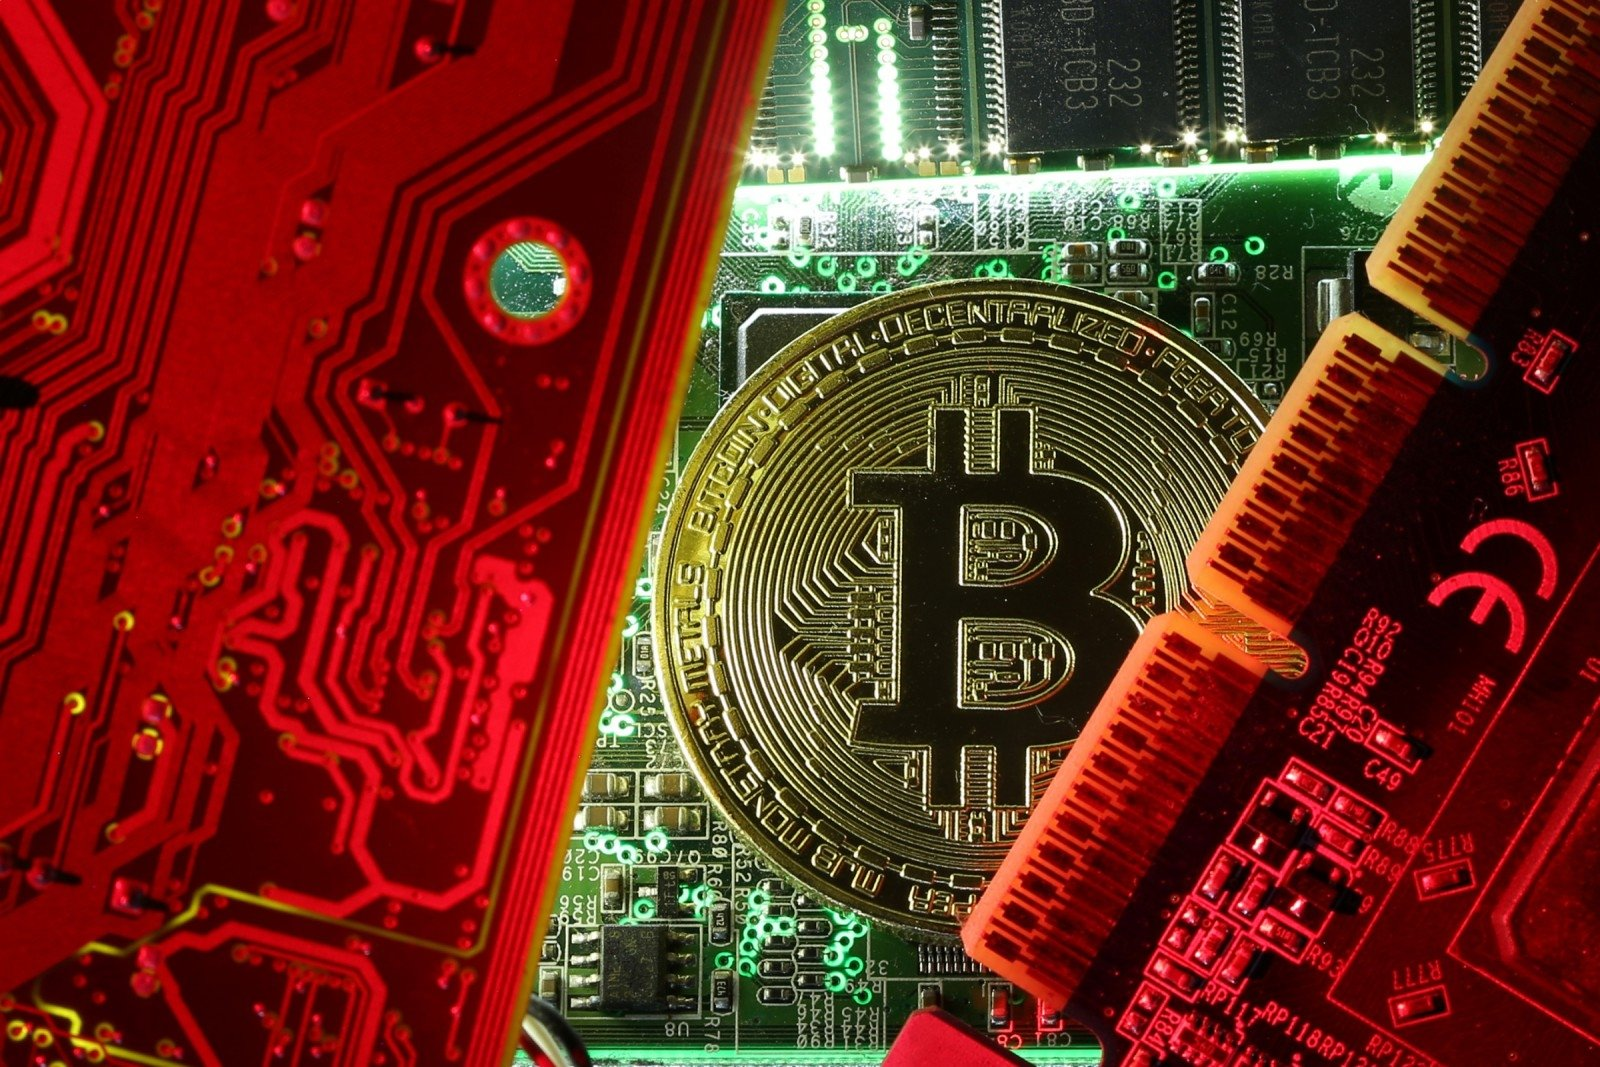 Indėlis į bitcoin. Admiral Markets Group apima šias įmones: